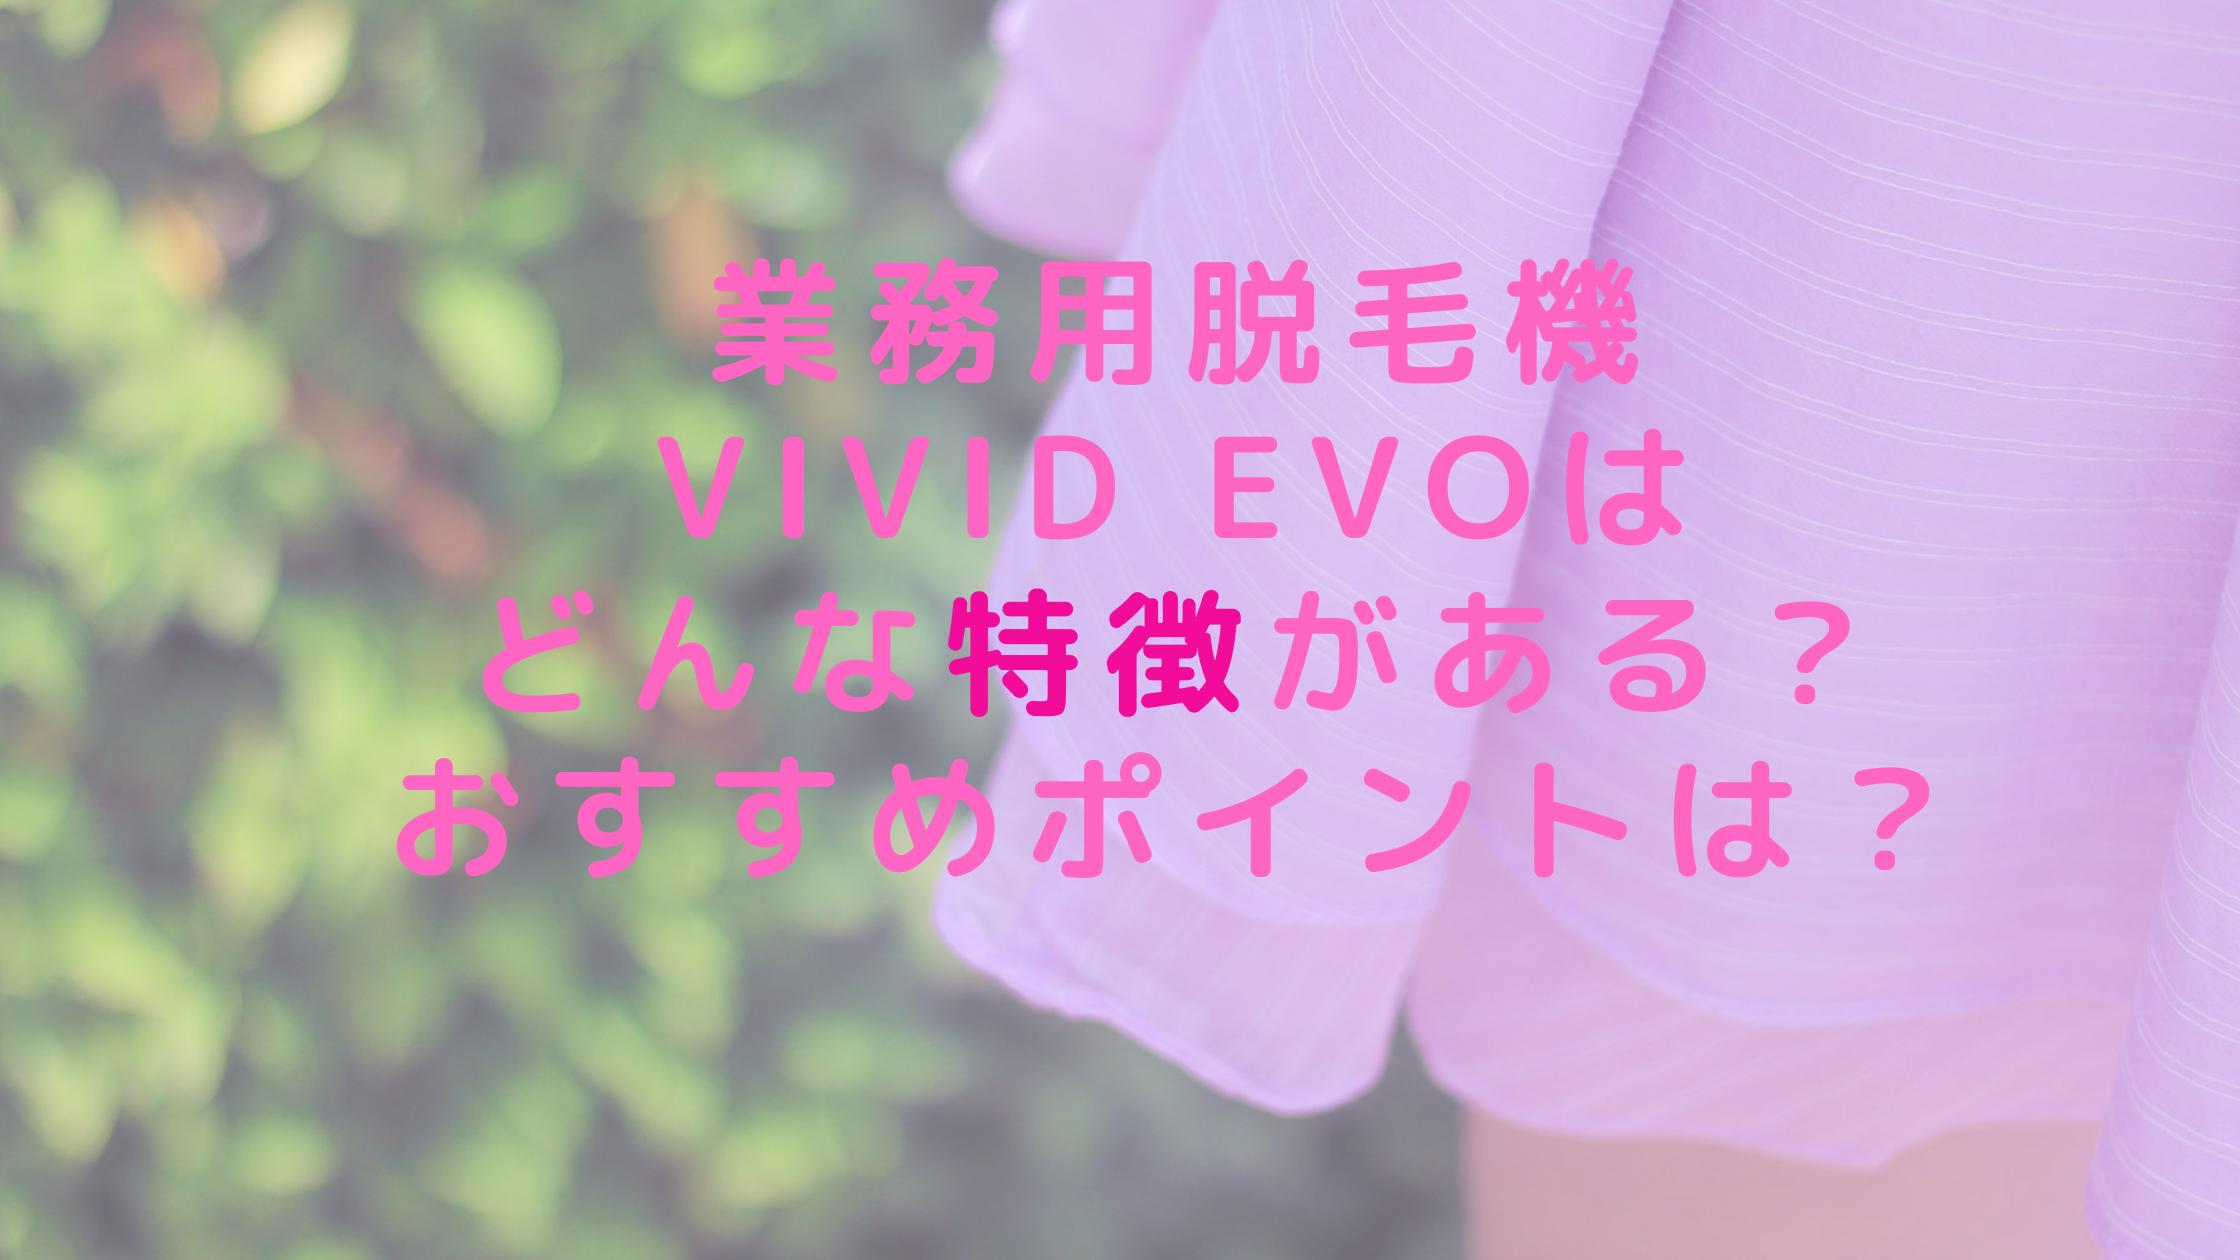 業務用脱毛機ViVid Evoはどんな特徴がある?おすすめポイントは?